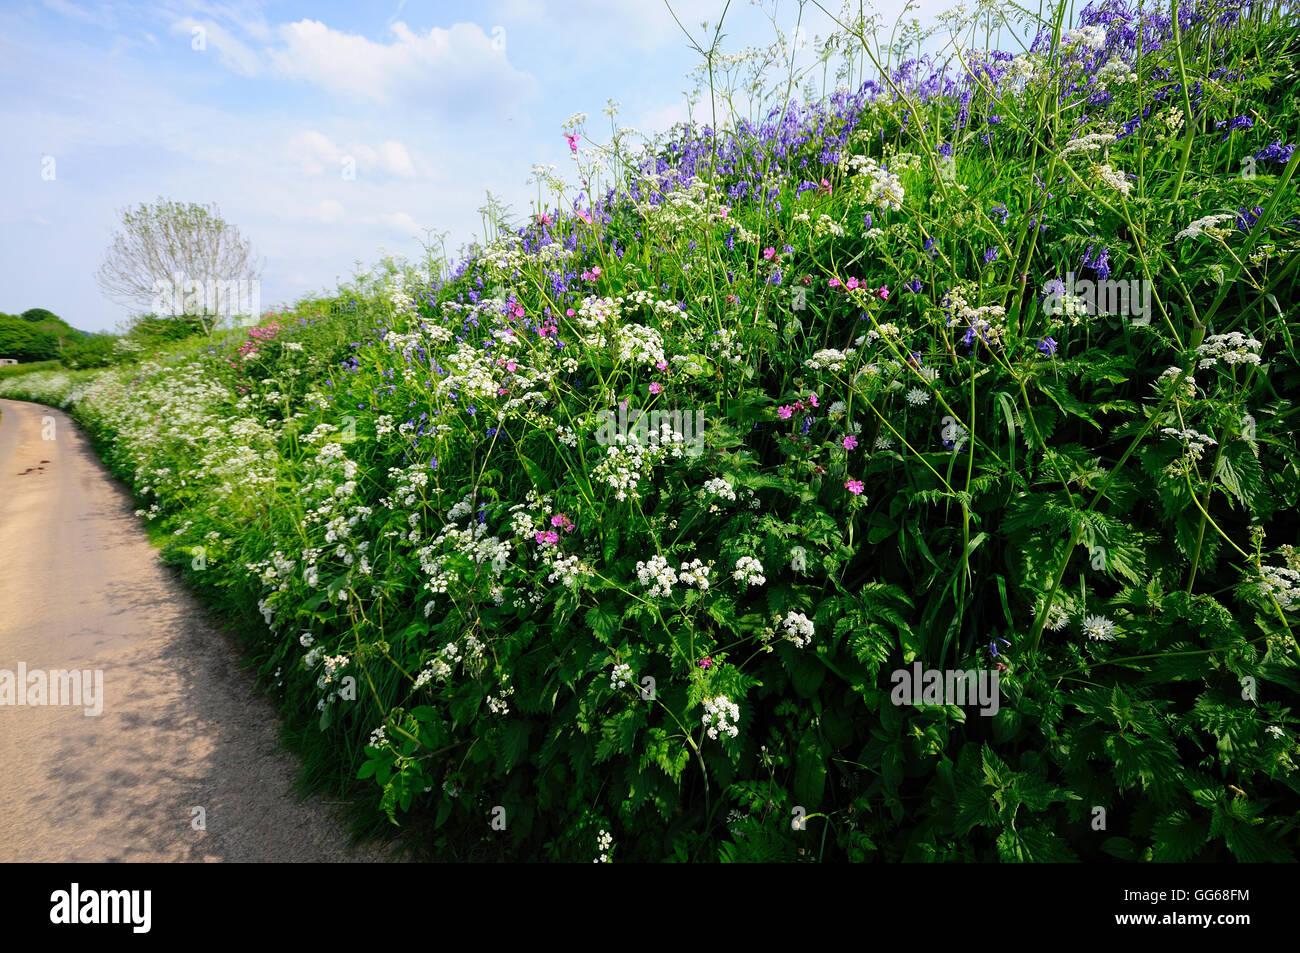 Spring wild flowers on roadside bank uk stock photo 113235128 alamy spring wild flowers on roadside bank uk mightylinksfo